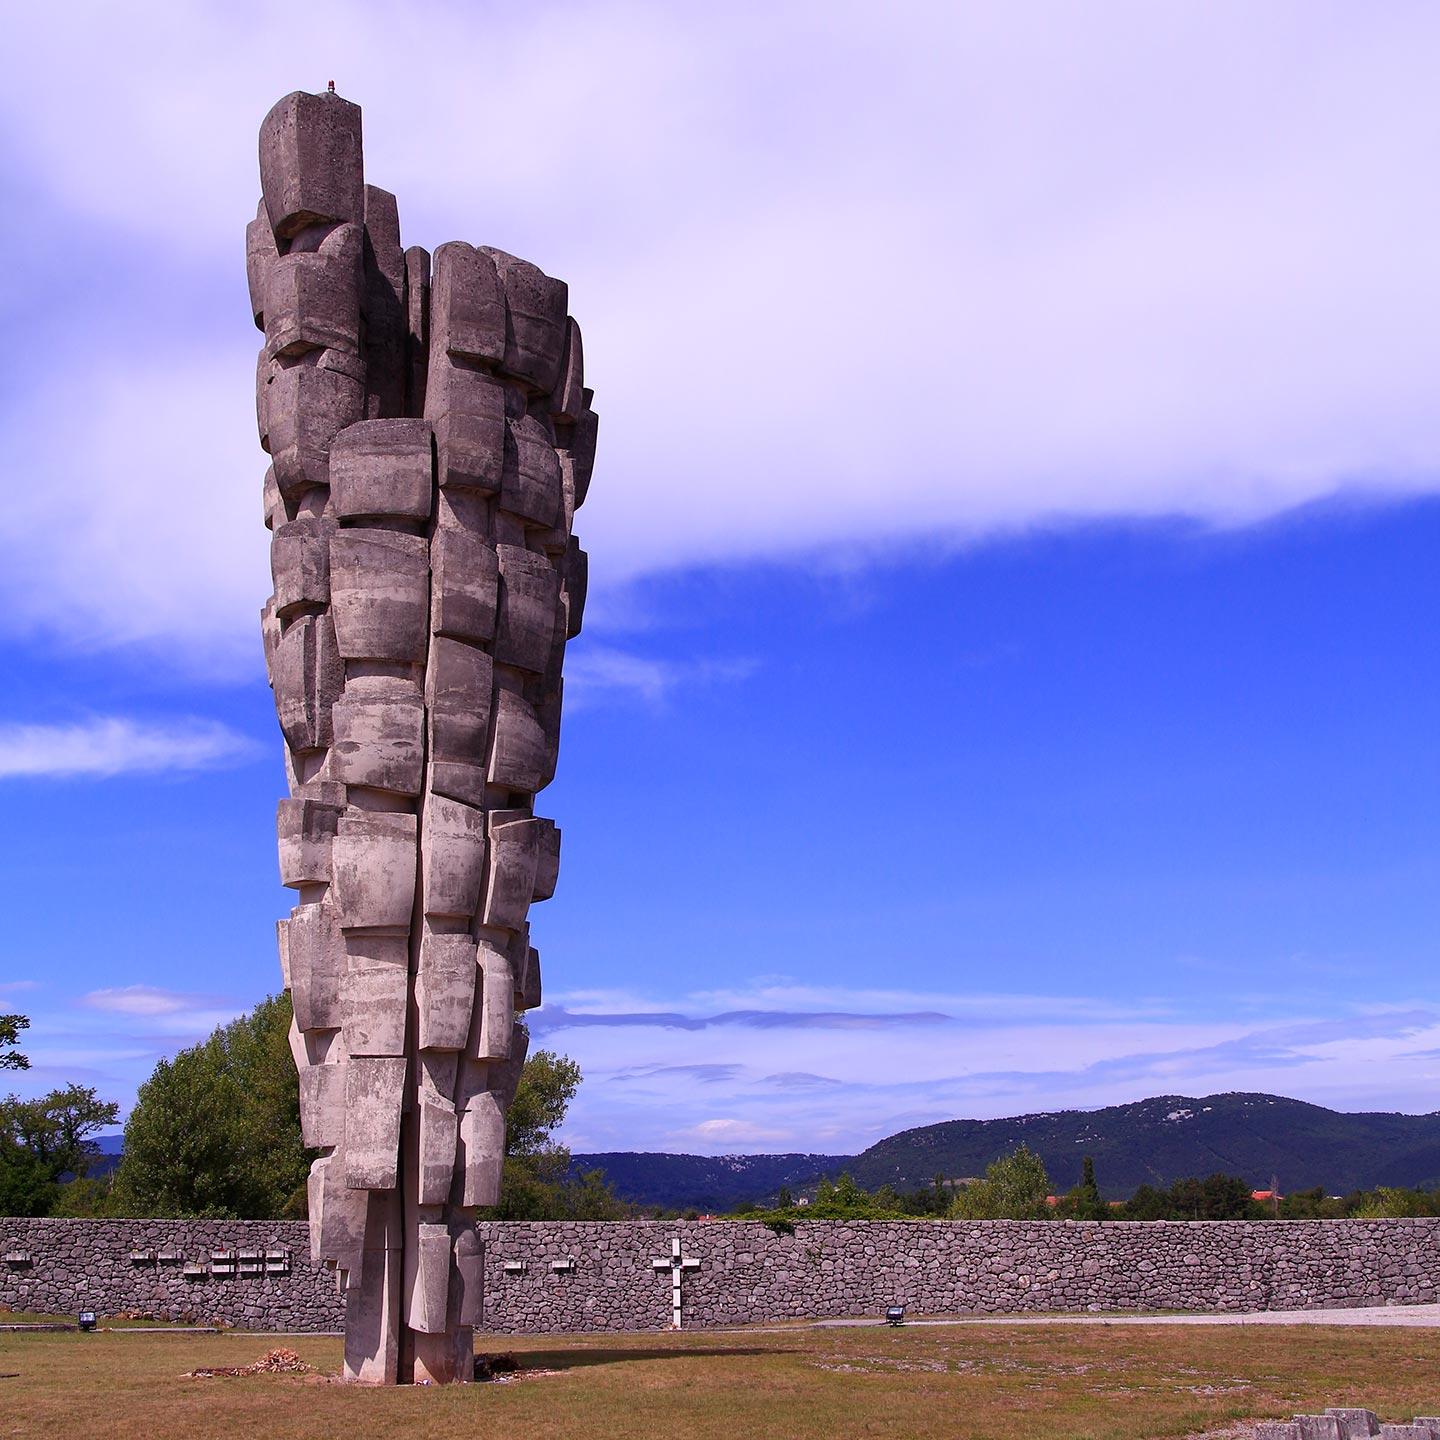 In ex Jugoslavia sulle tracce degli Spomenik, i monumenti alla resistenza voluti da Tito